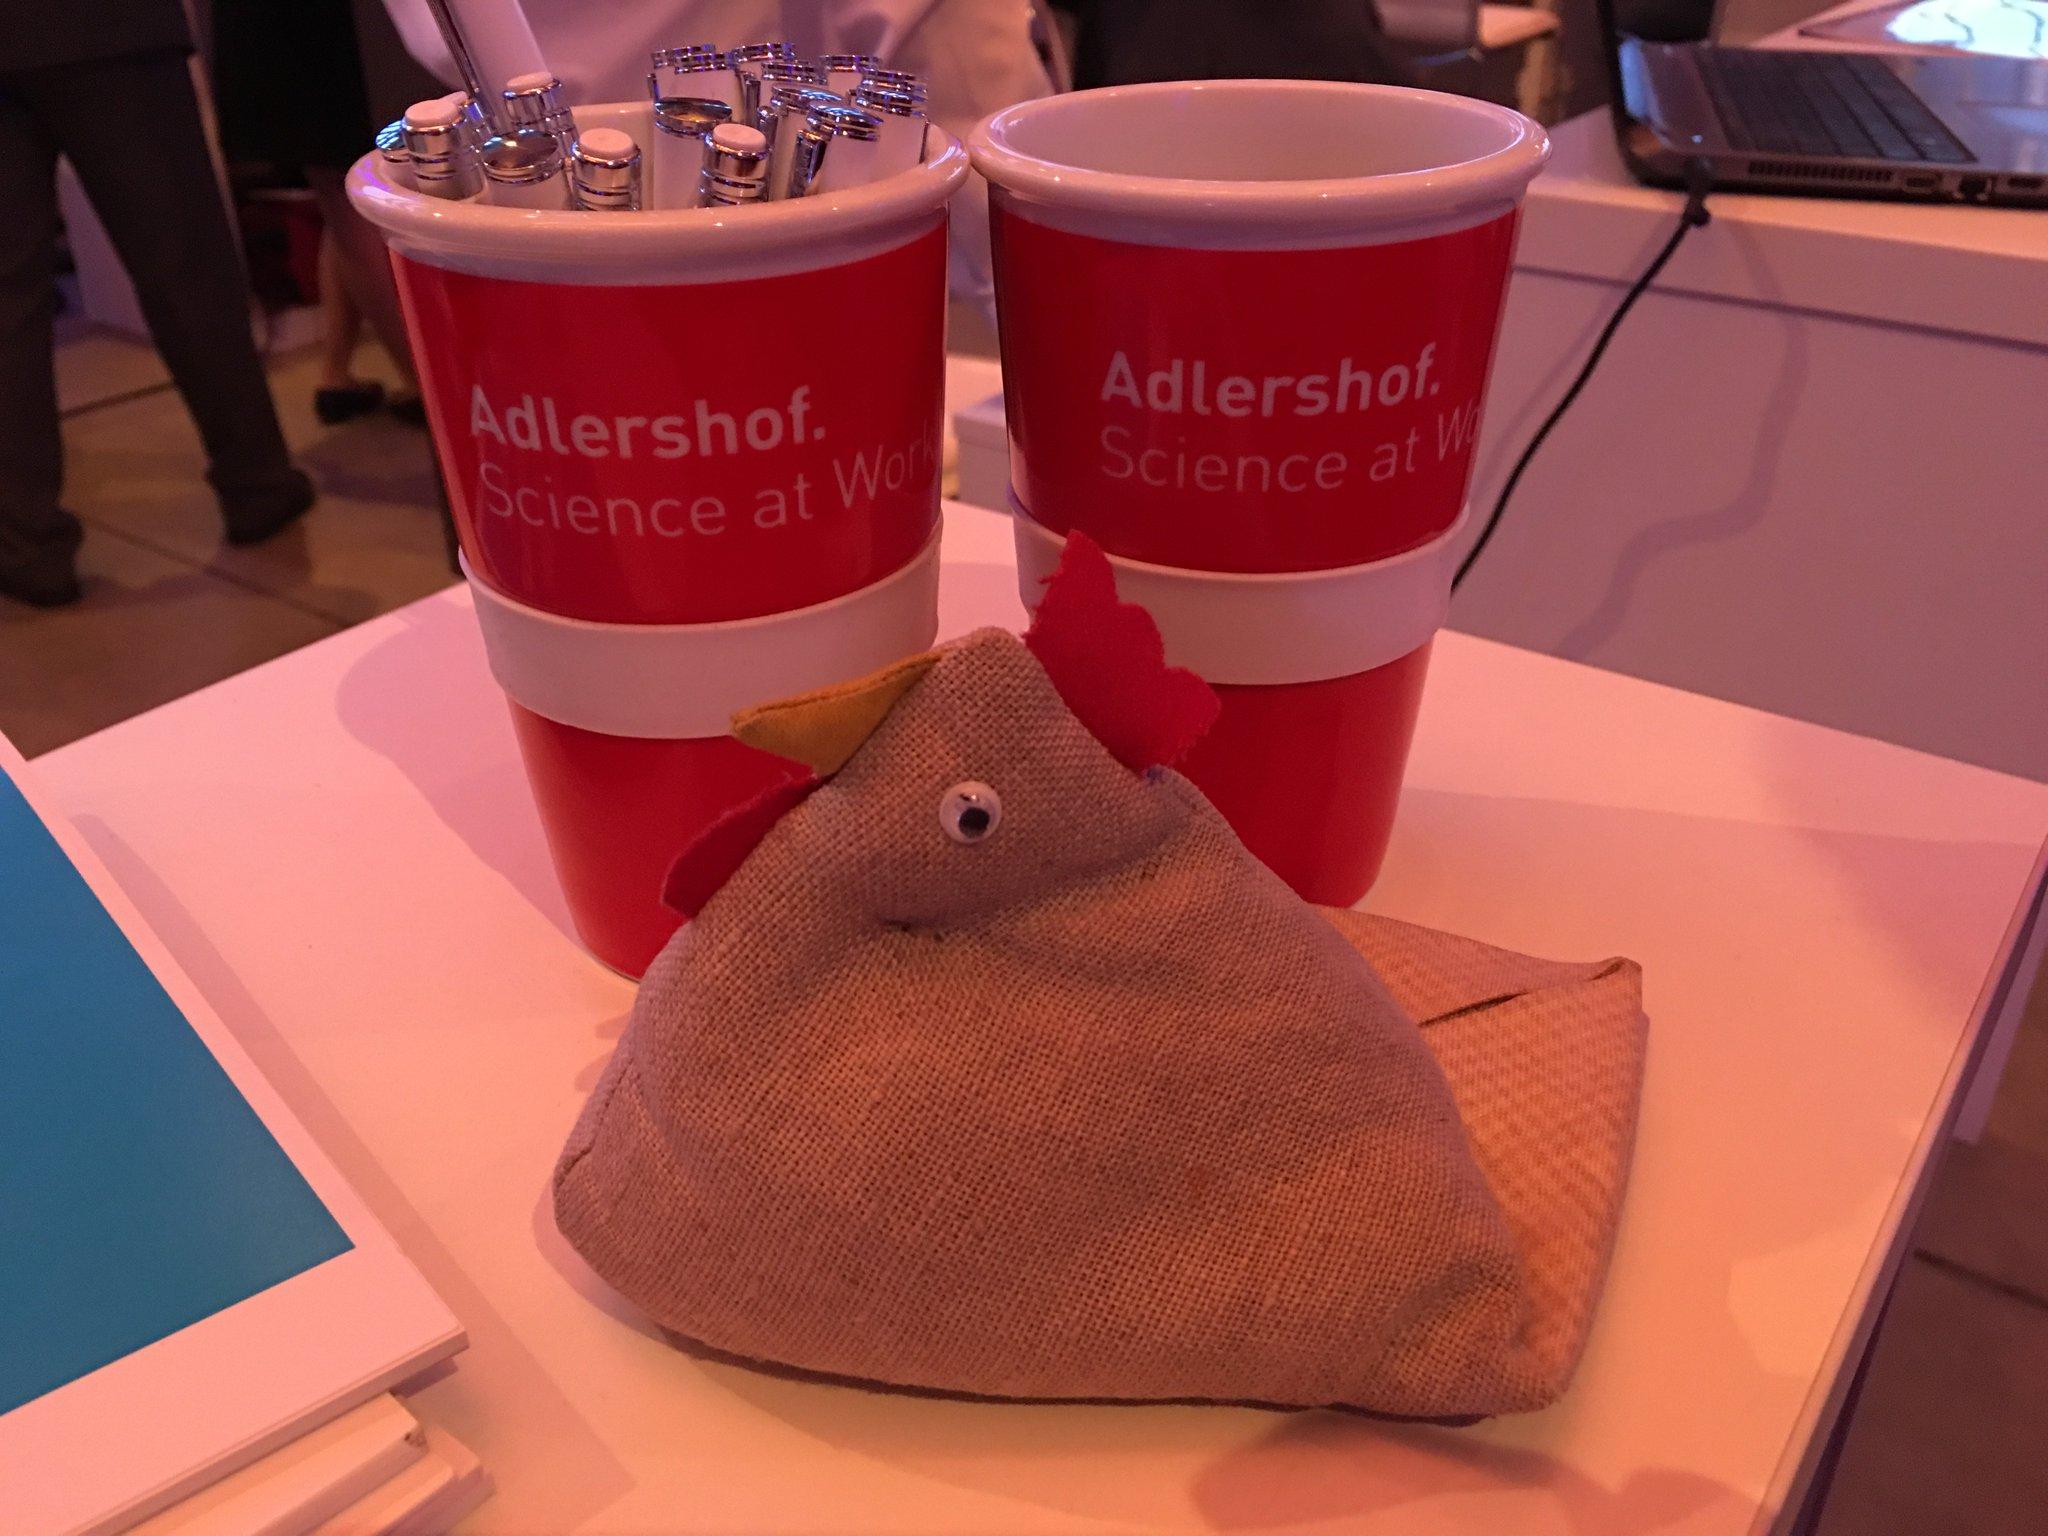 Nachhaltige Kaffeebecher #mnrw17 https://t.co/Zukd2Xoc4D